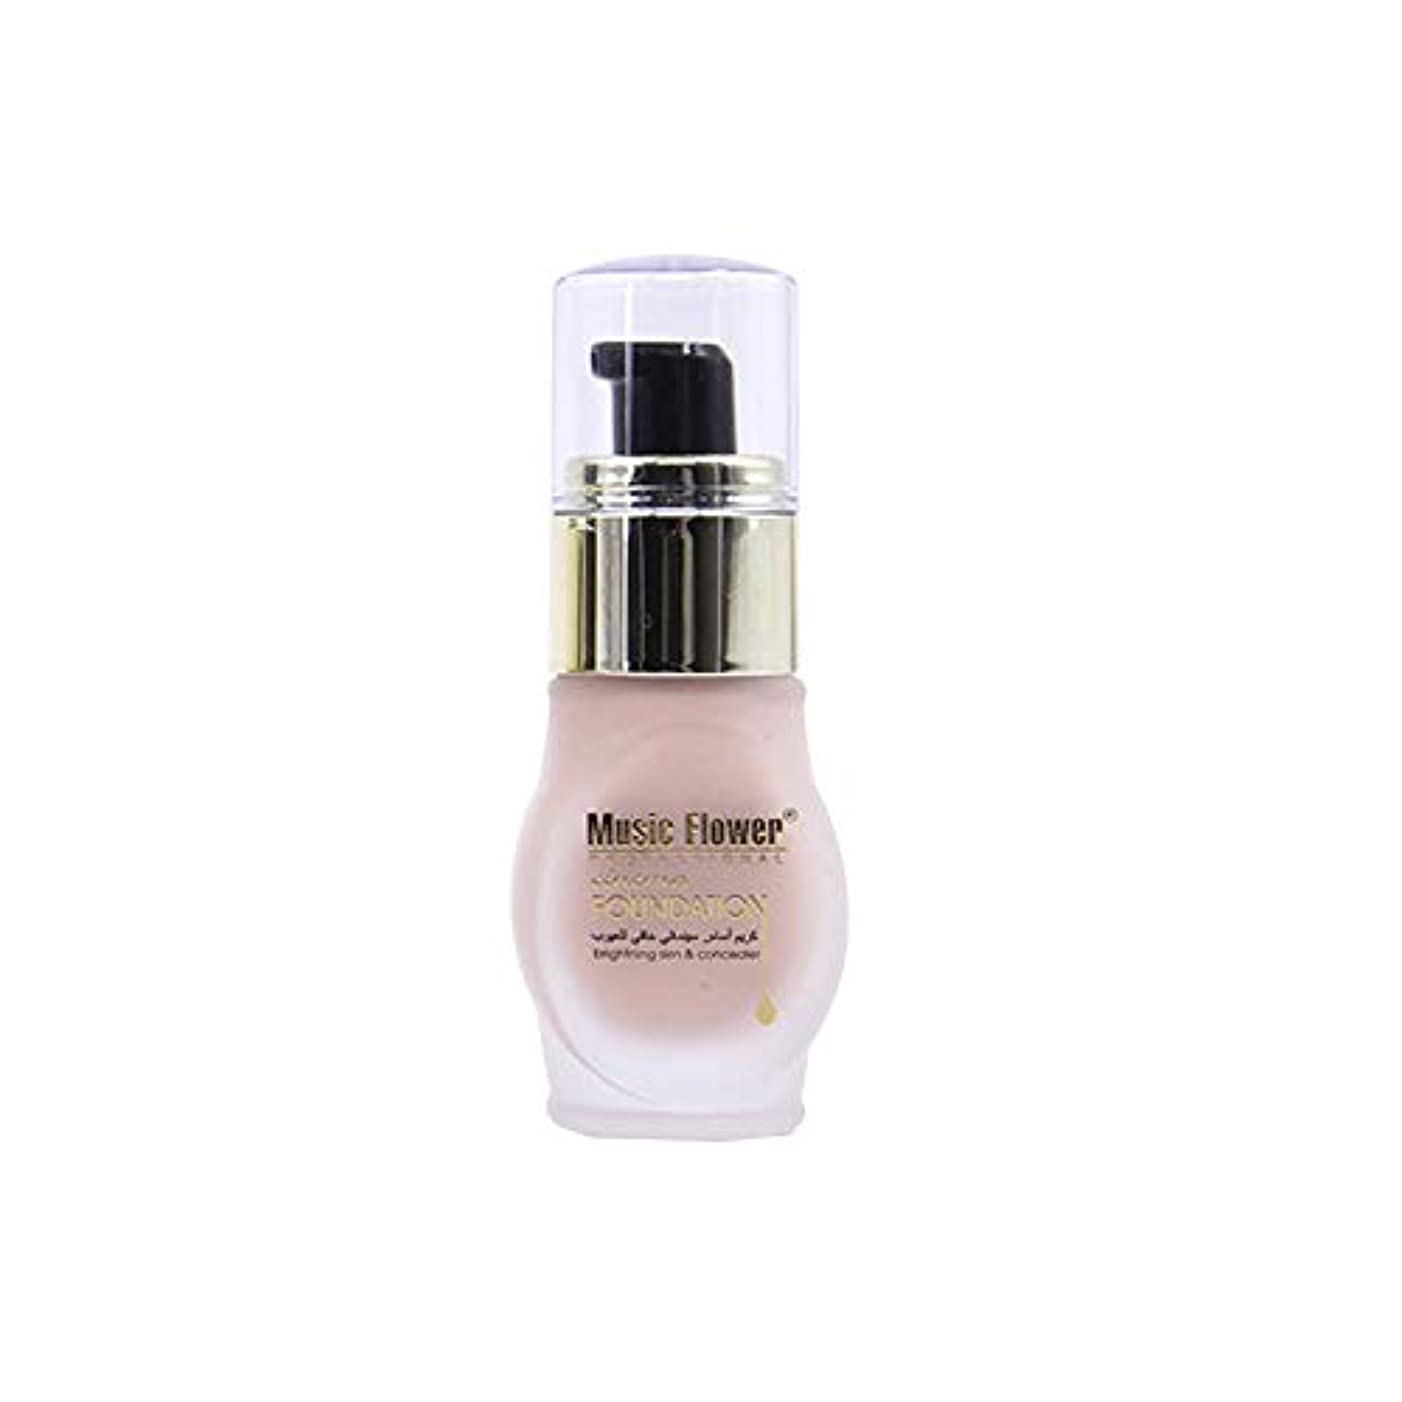 製作プレゼント振幅ビューティー コンシーラー 長続きがする 化粧品 上質 滑らかな風合い 繊細な化粧 自然に見える カバーパーフェクション チップコンシーラー UV対策 裸化粧品